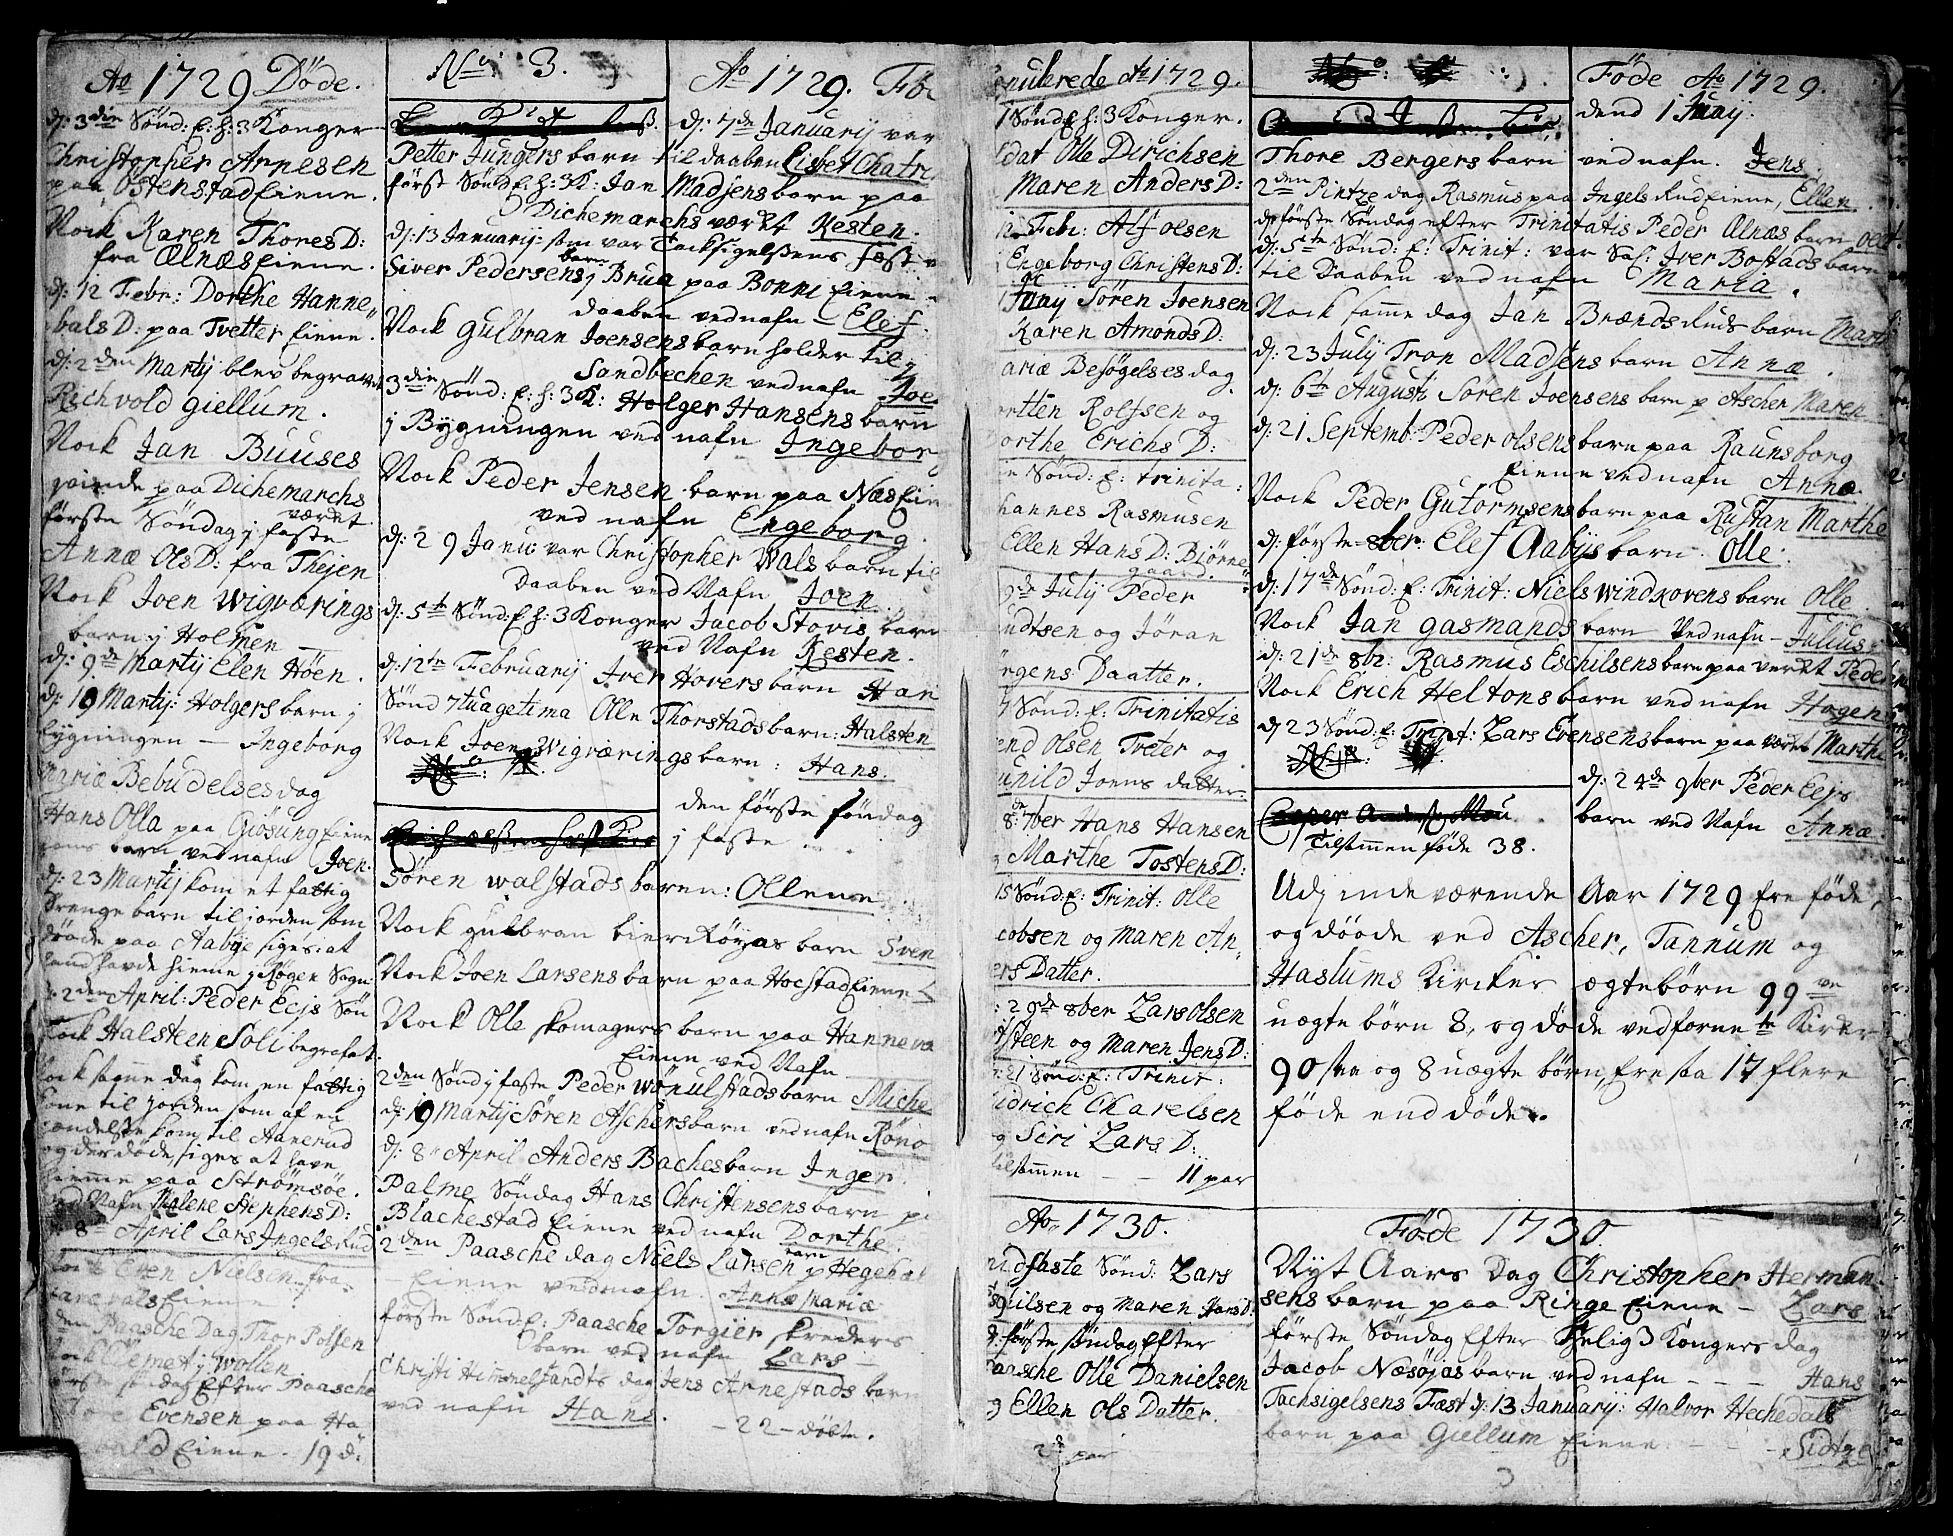 SAO, Asker prestekontor Kirkebøker, F/Fa/L0001: Ministerialbok nr. I 1, 1726-1744, s. 4